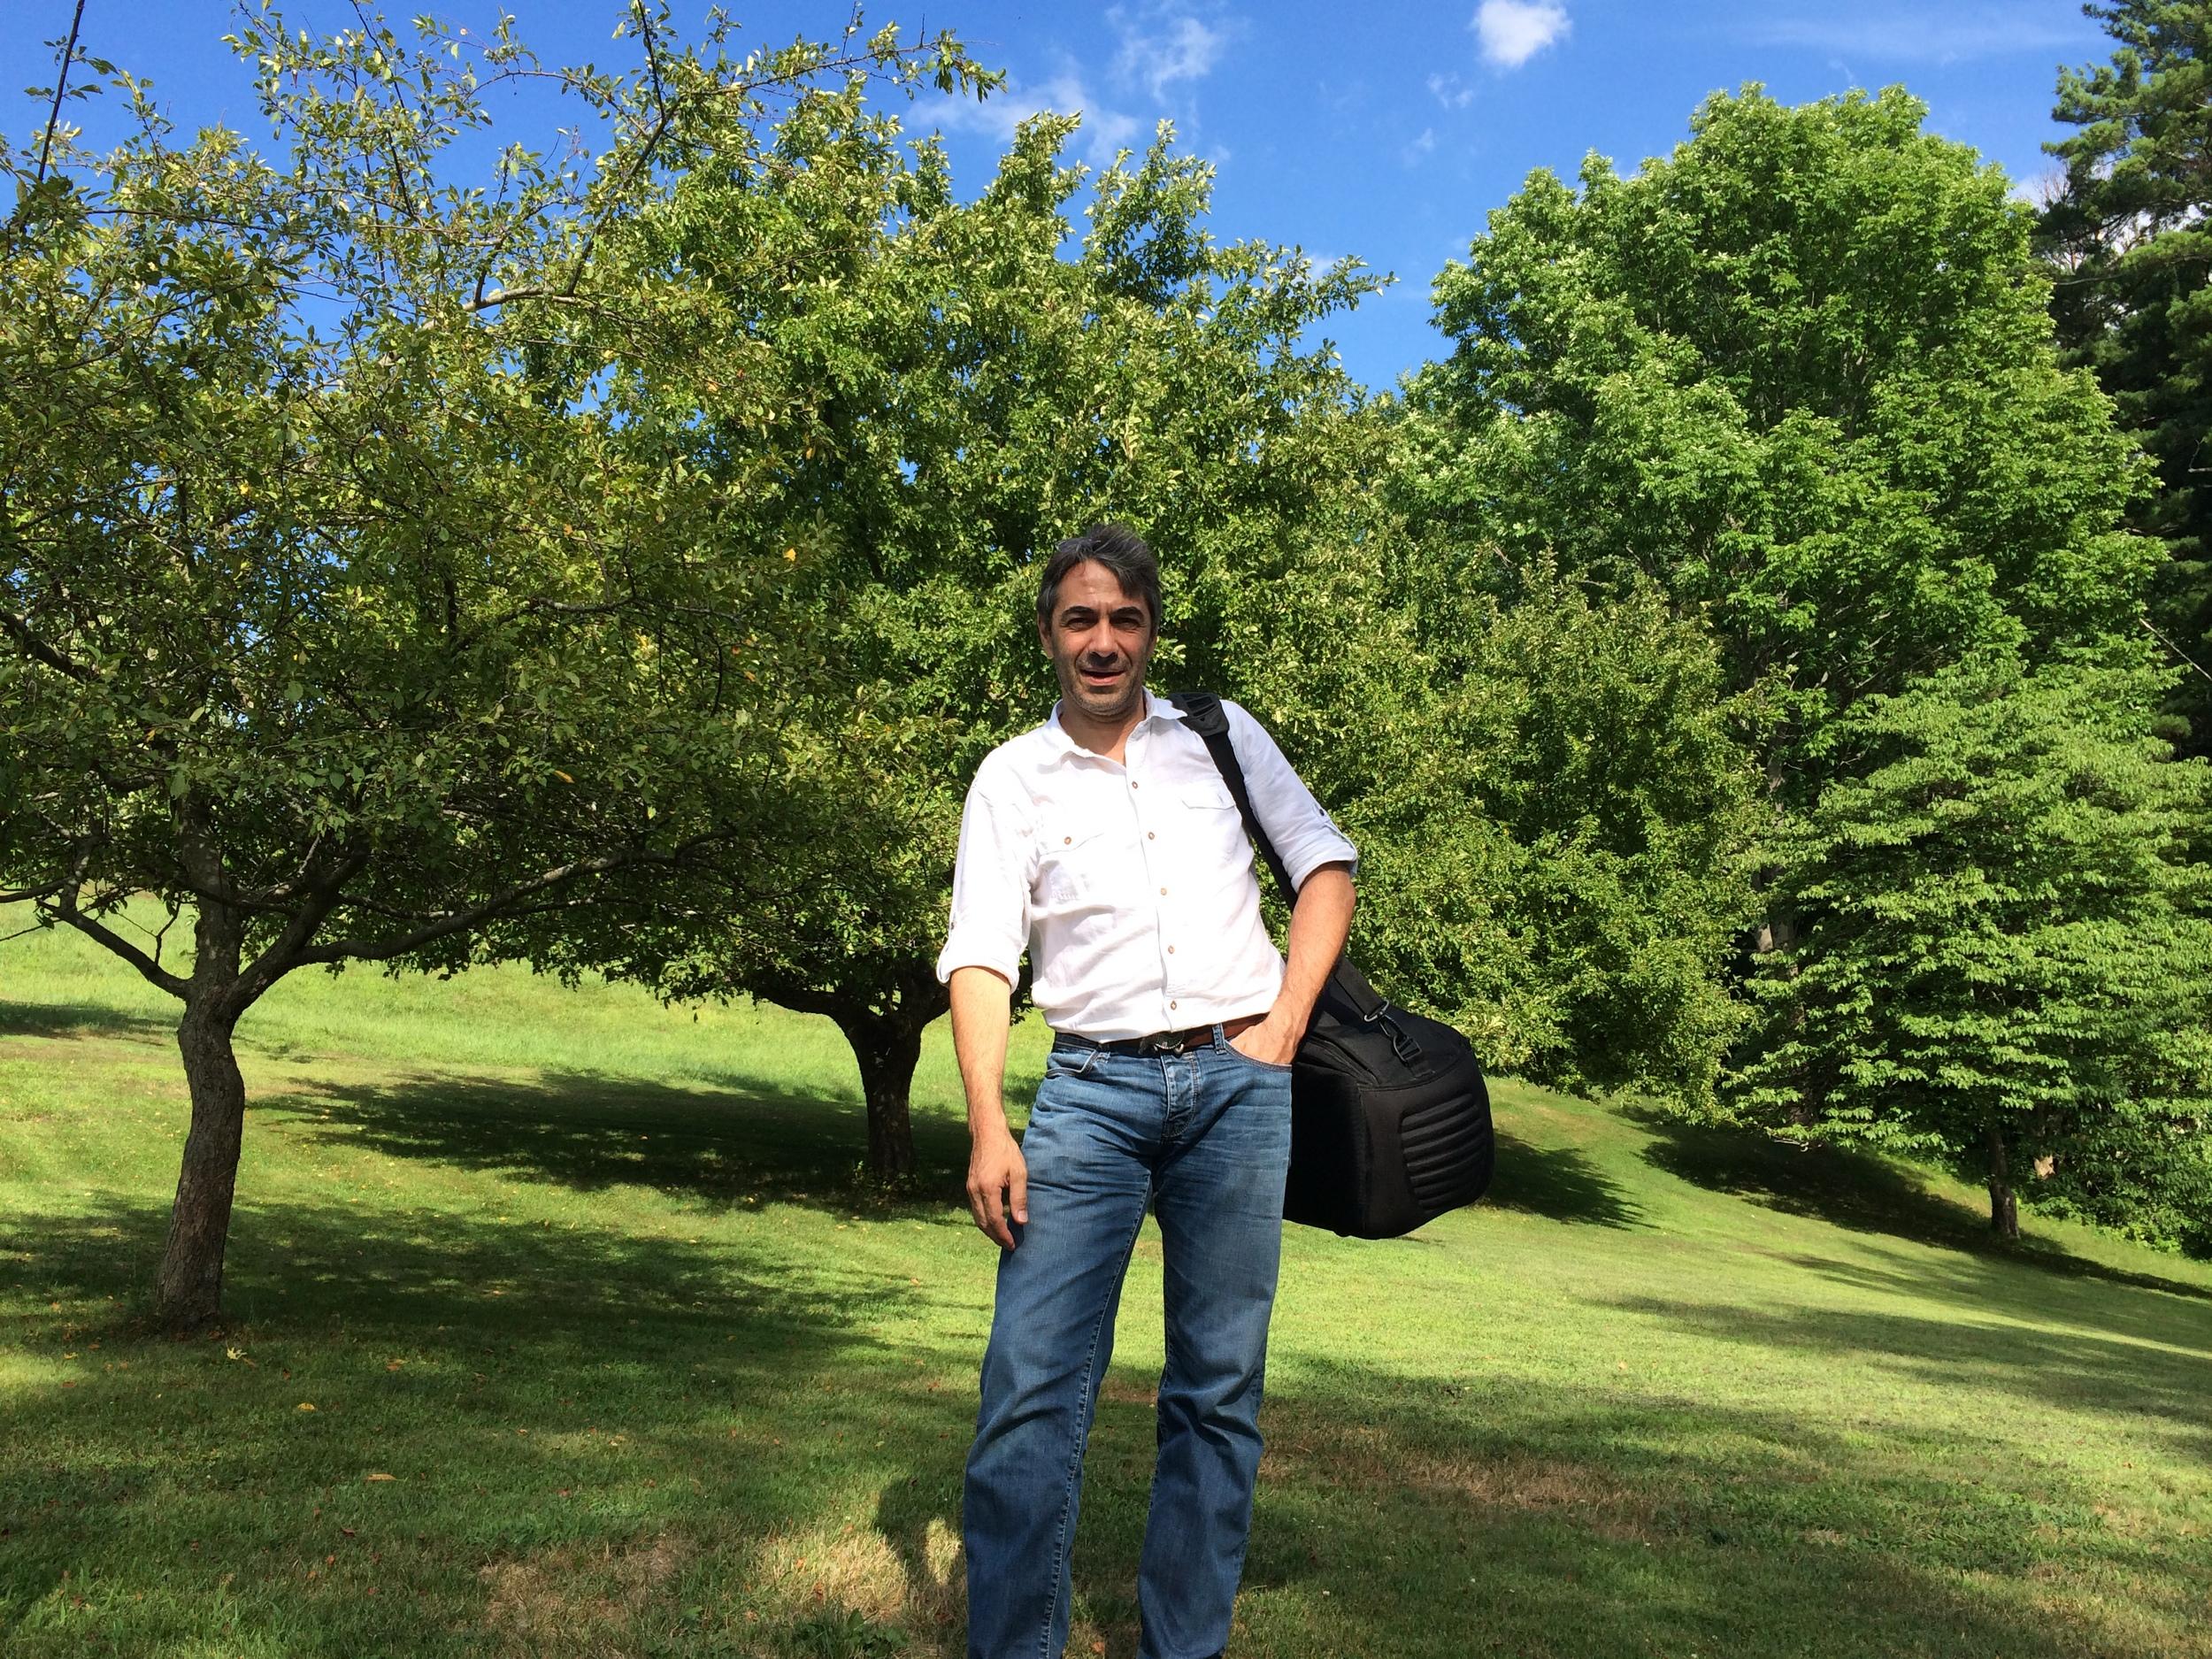 IMG_6240Murat,trees.JPG